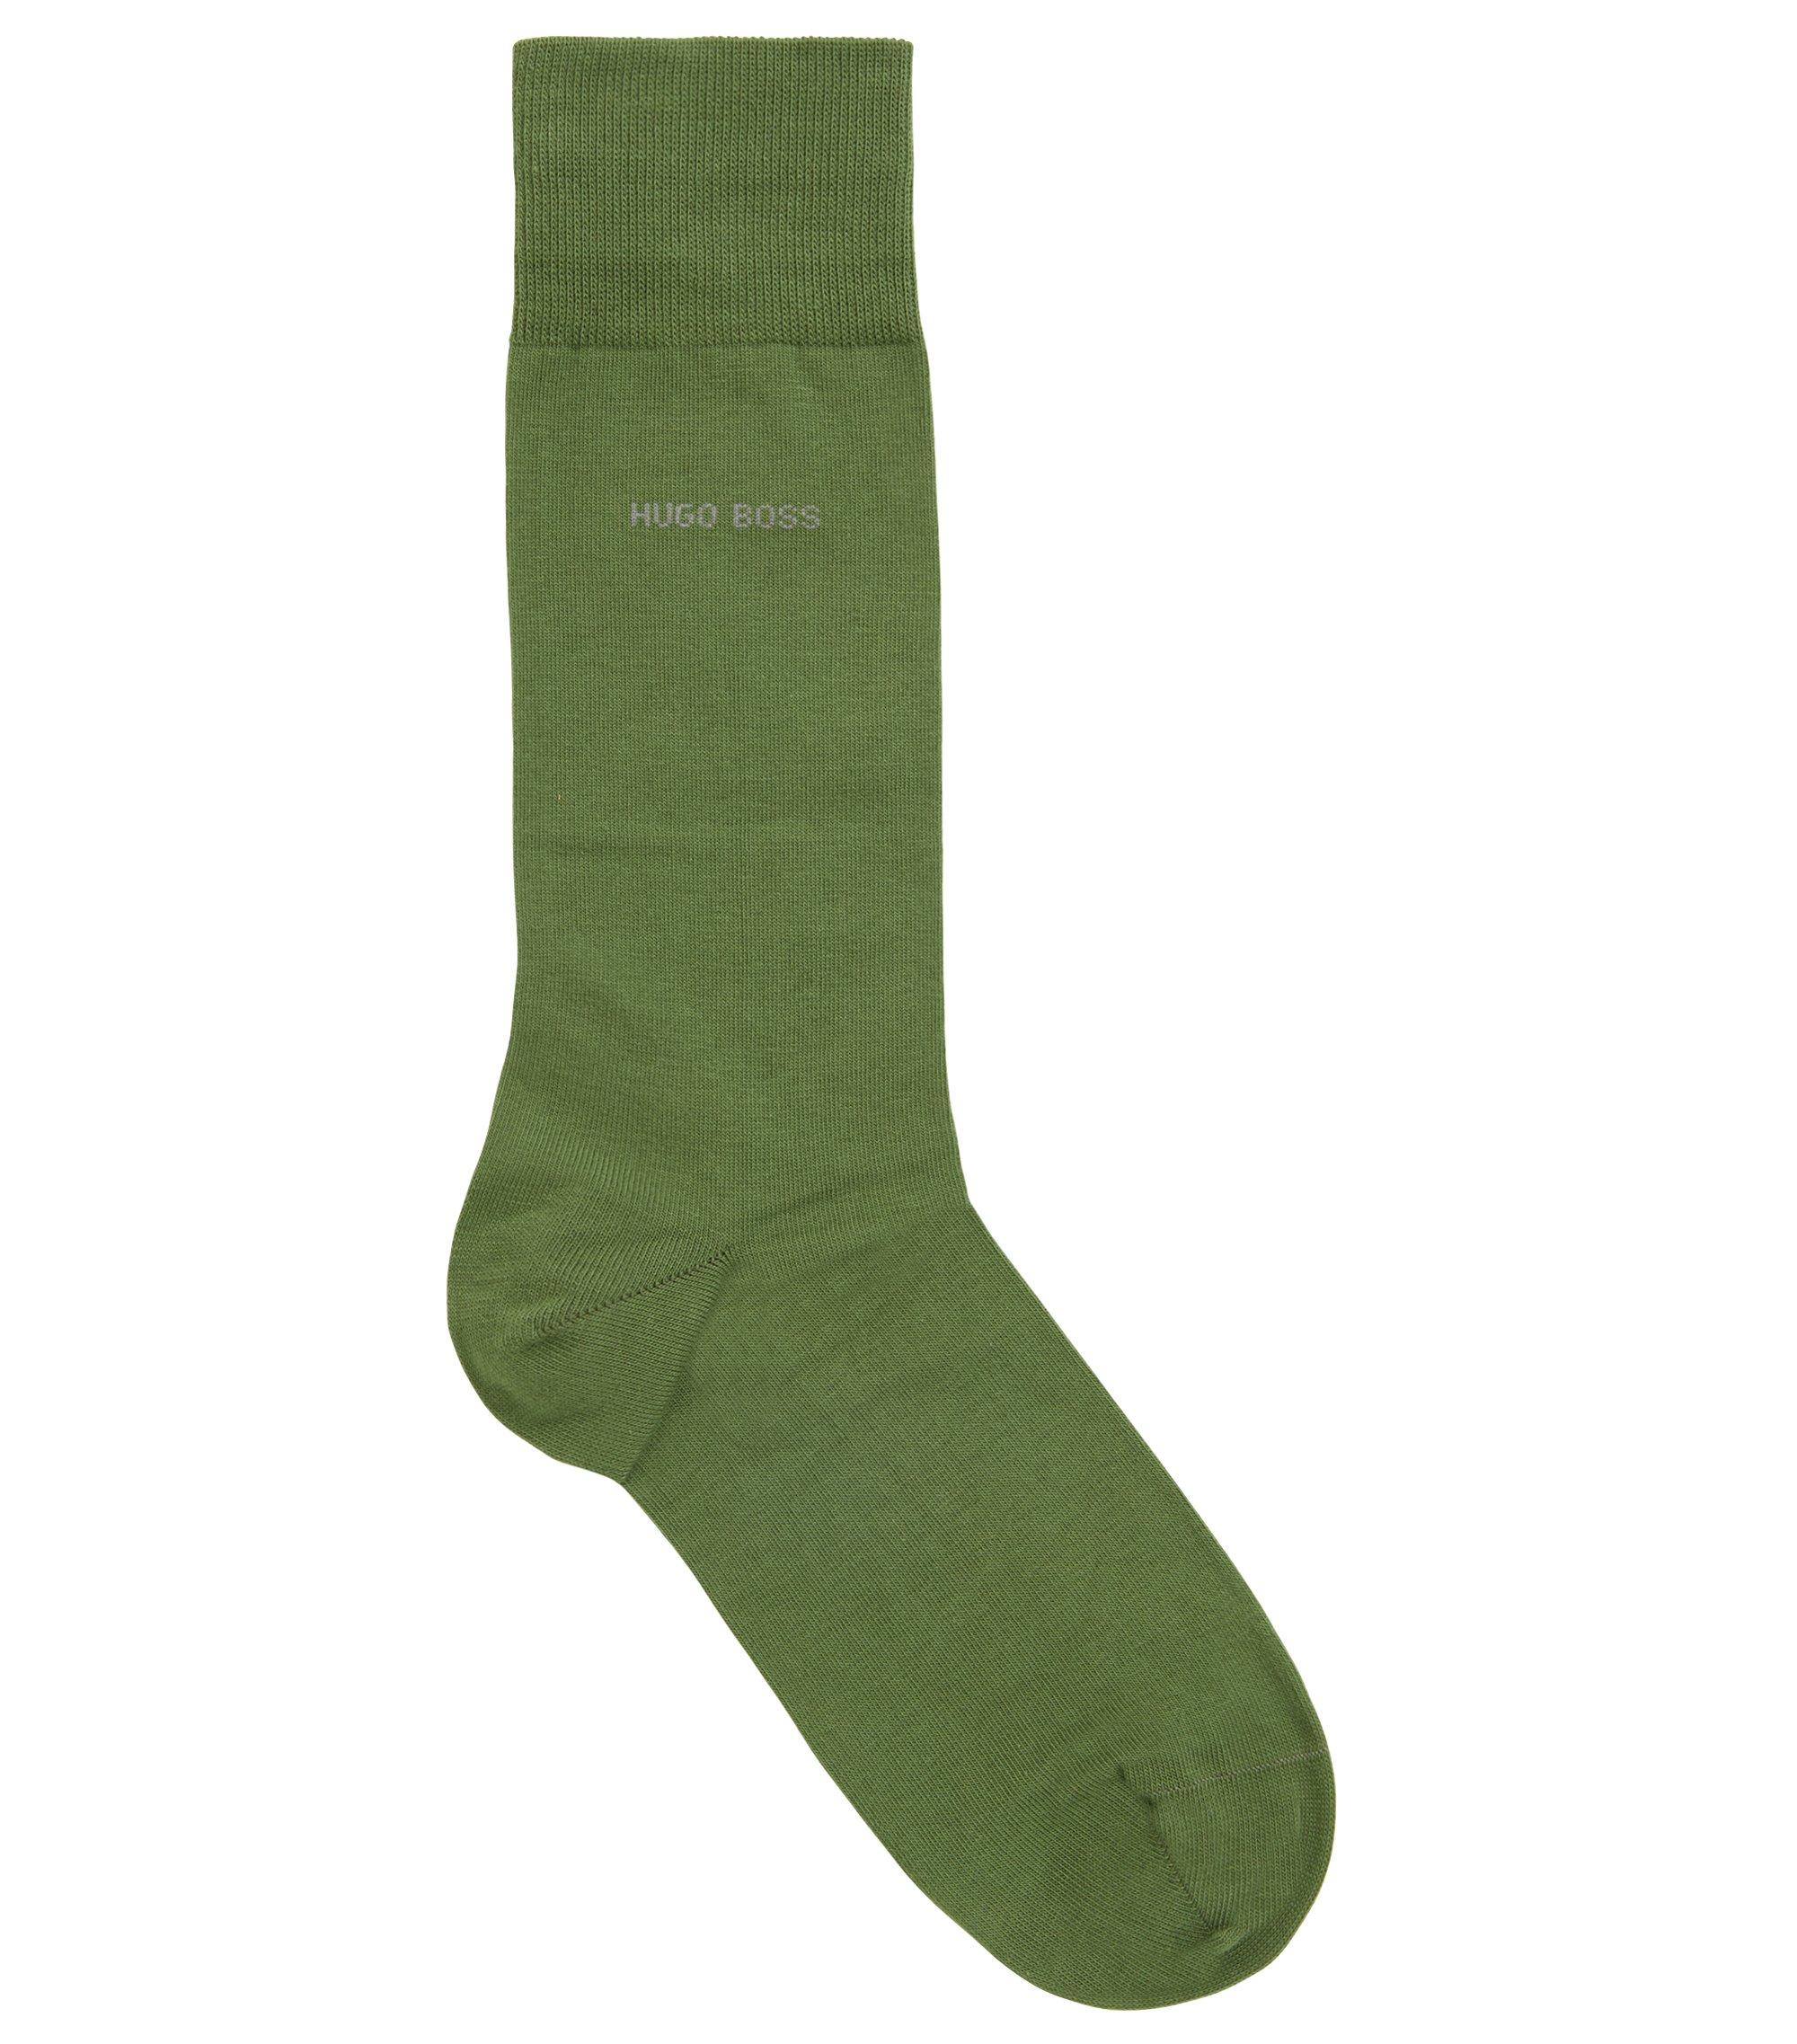 Chaussettes mi-mollet en coton peigné stretch, Vert